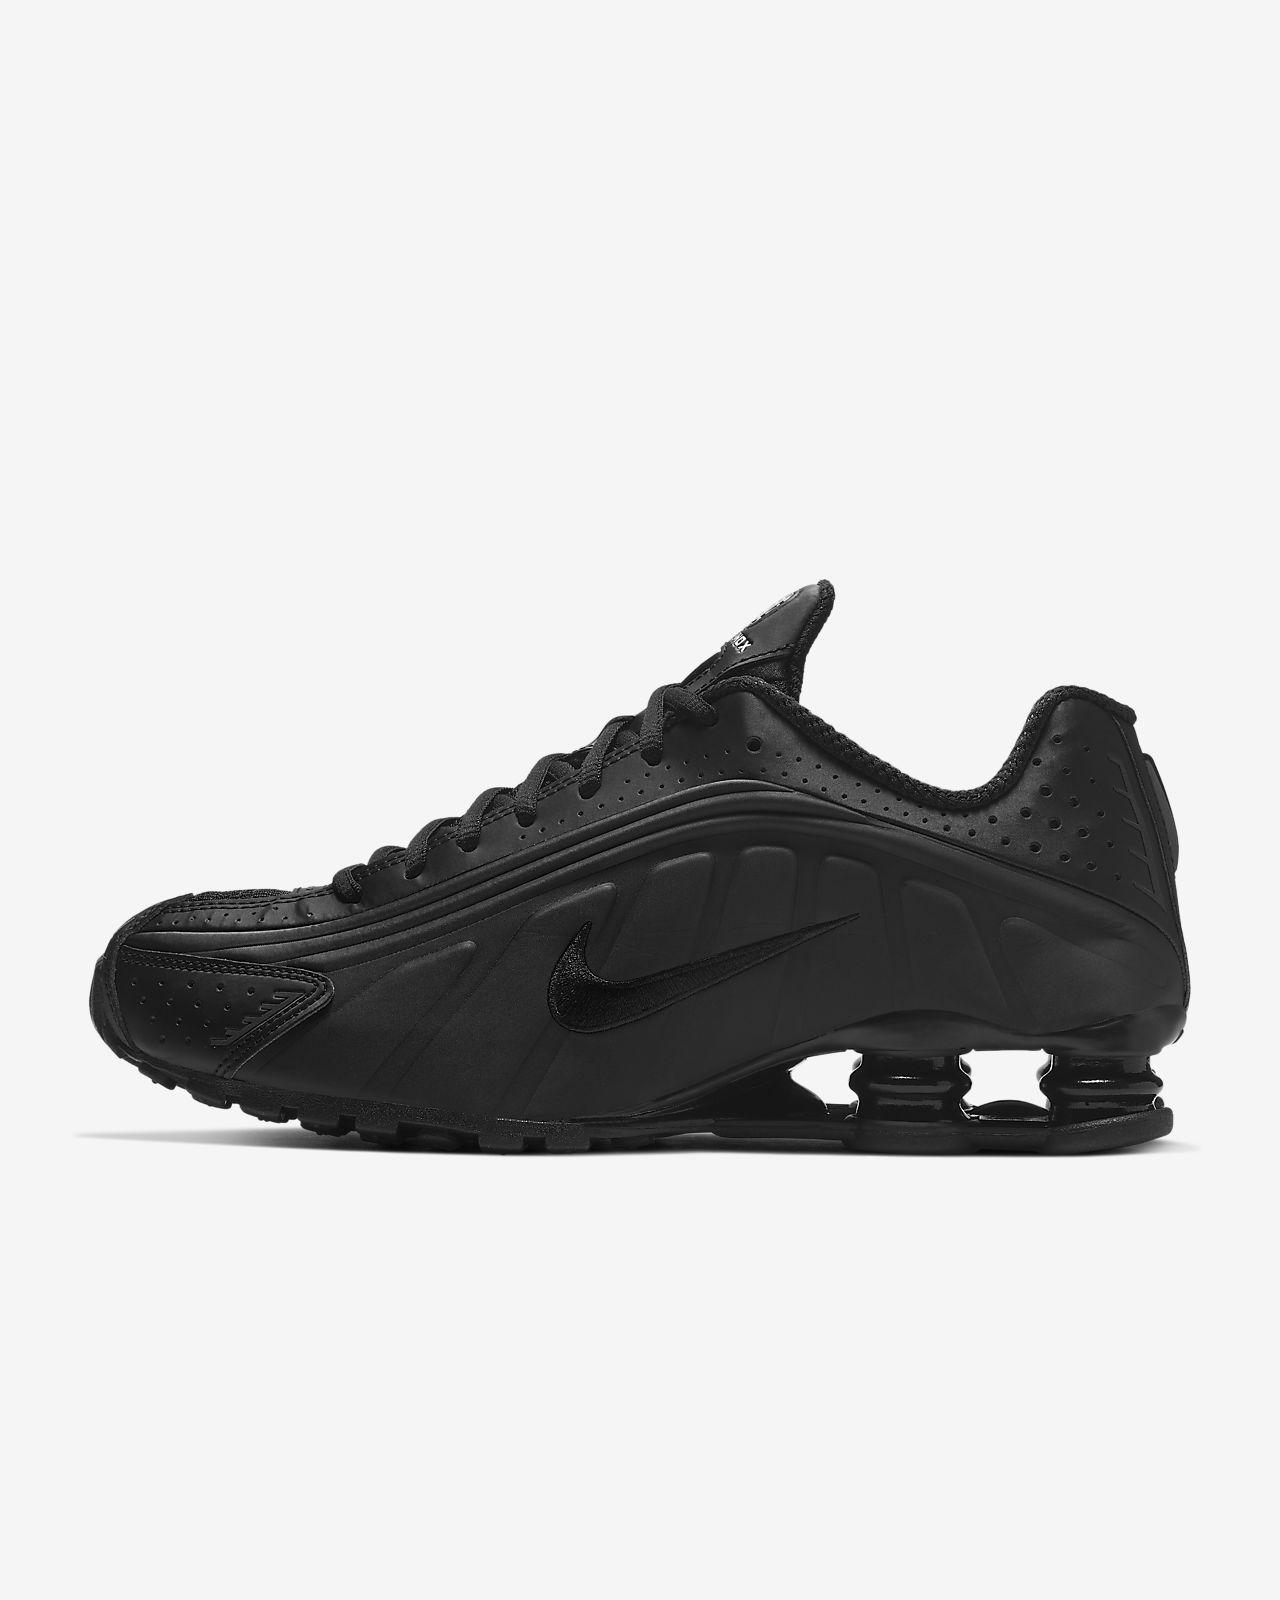 Ανδρικό παπούτσι Nike Shox R4